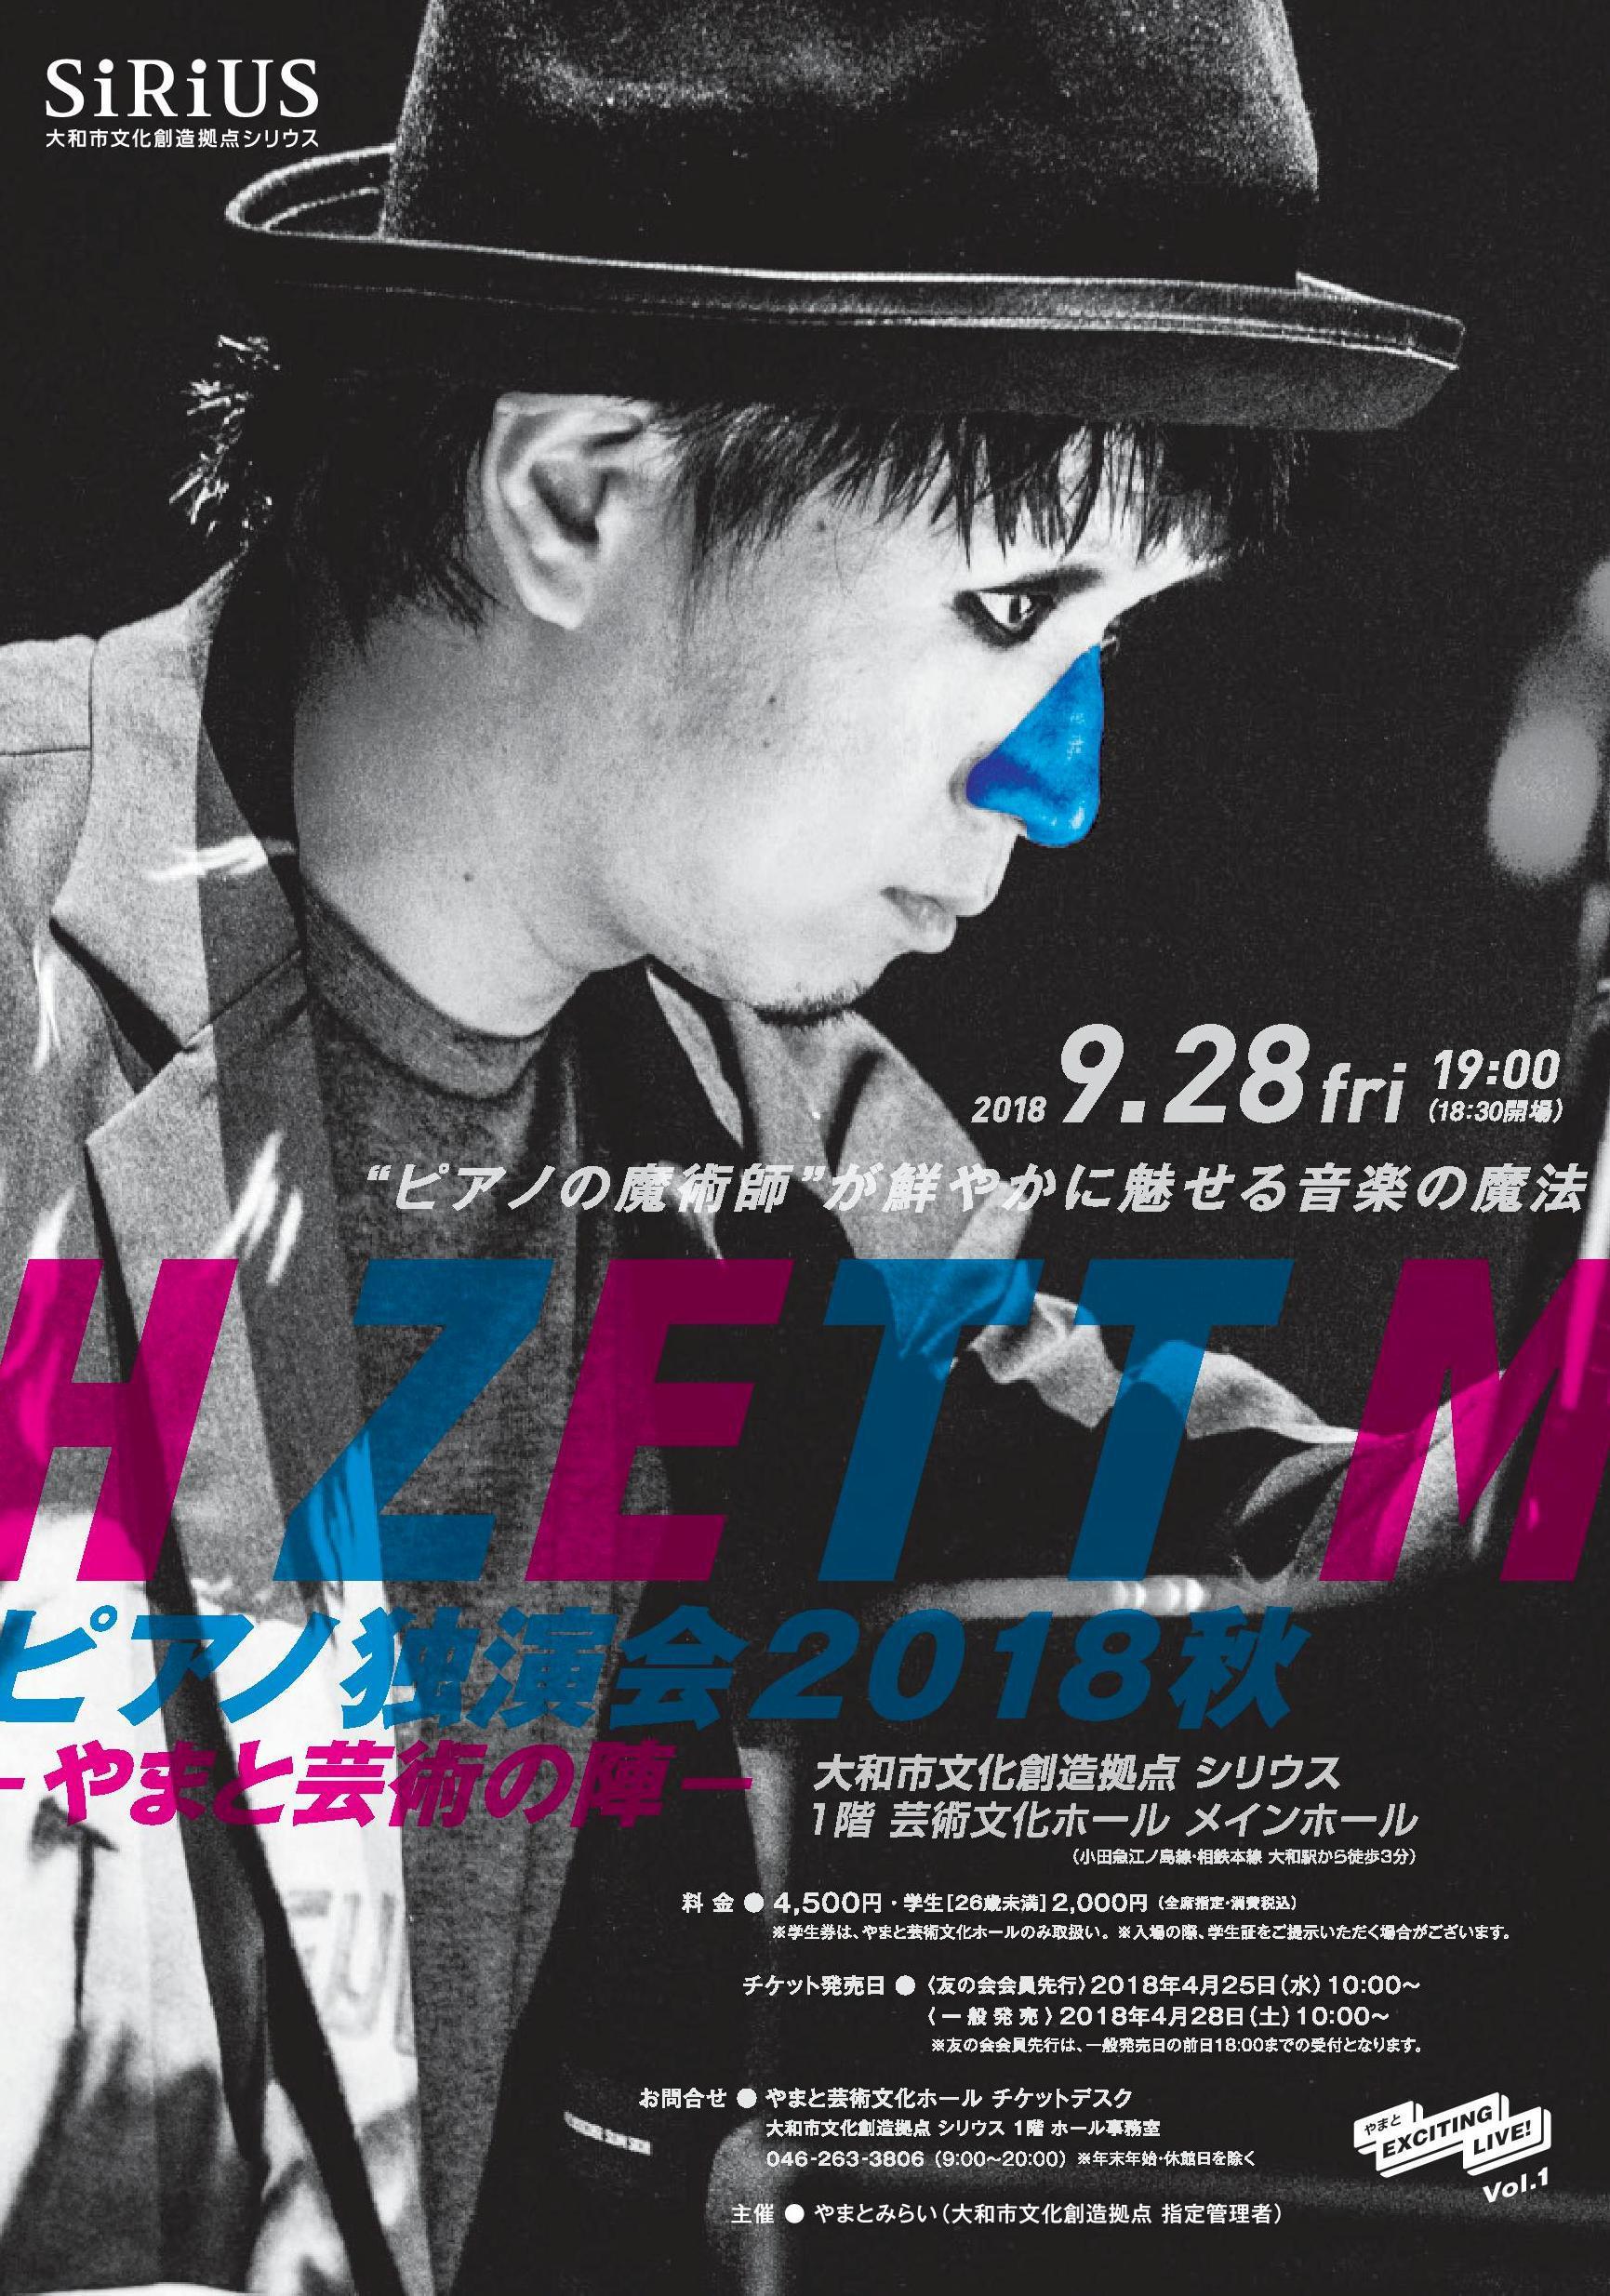 ≪予定枚数終了≫H ZETT M ピアノ独演会2018 秋~やまと芸術の陣~